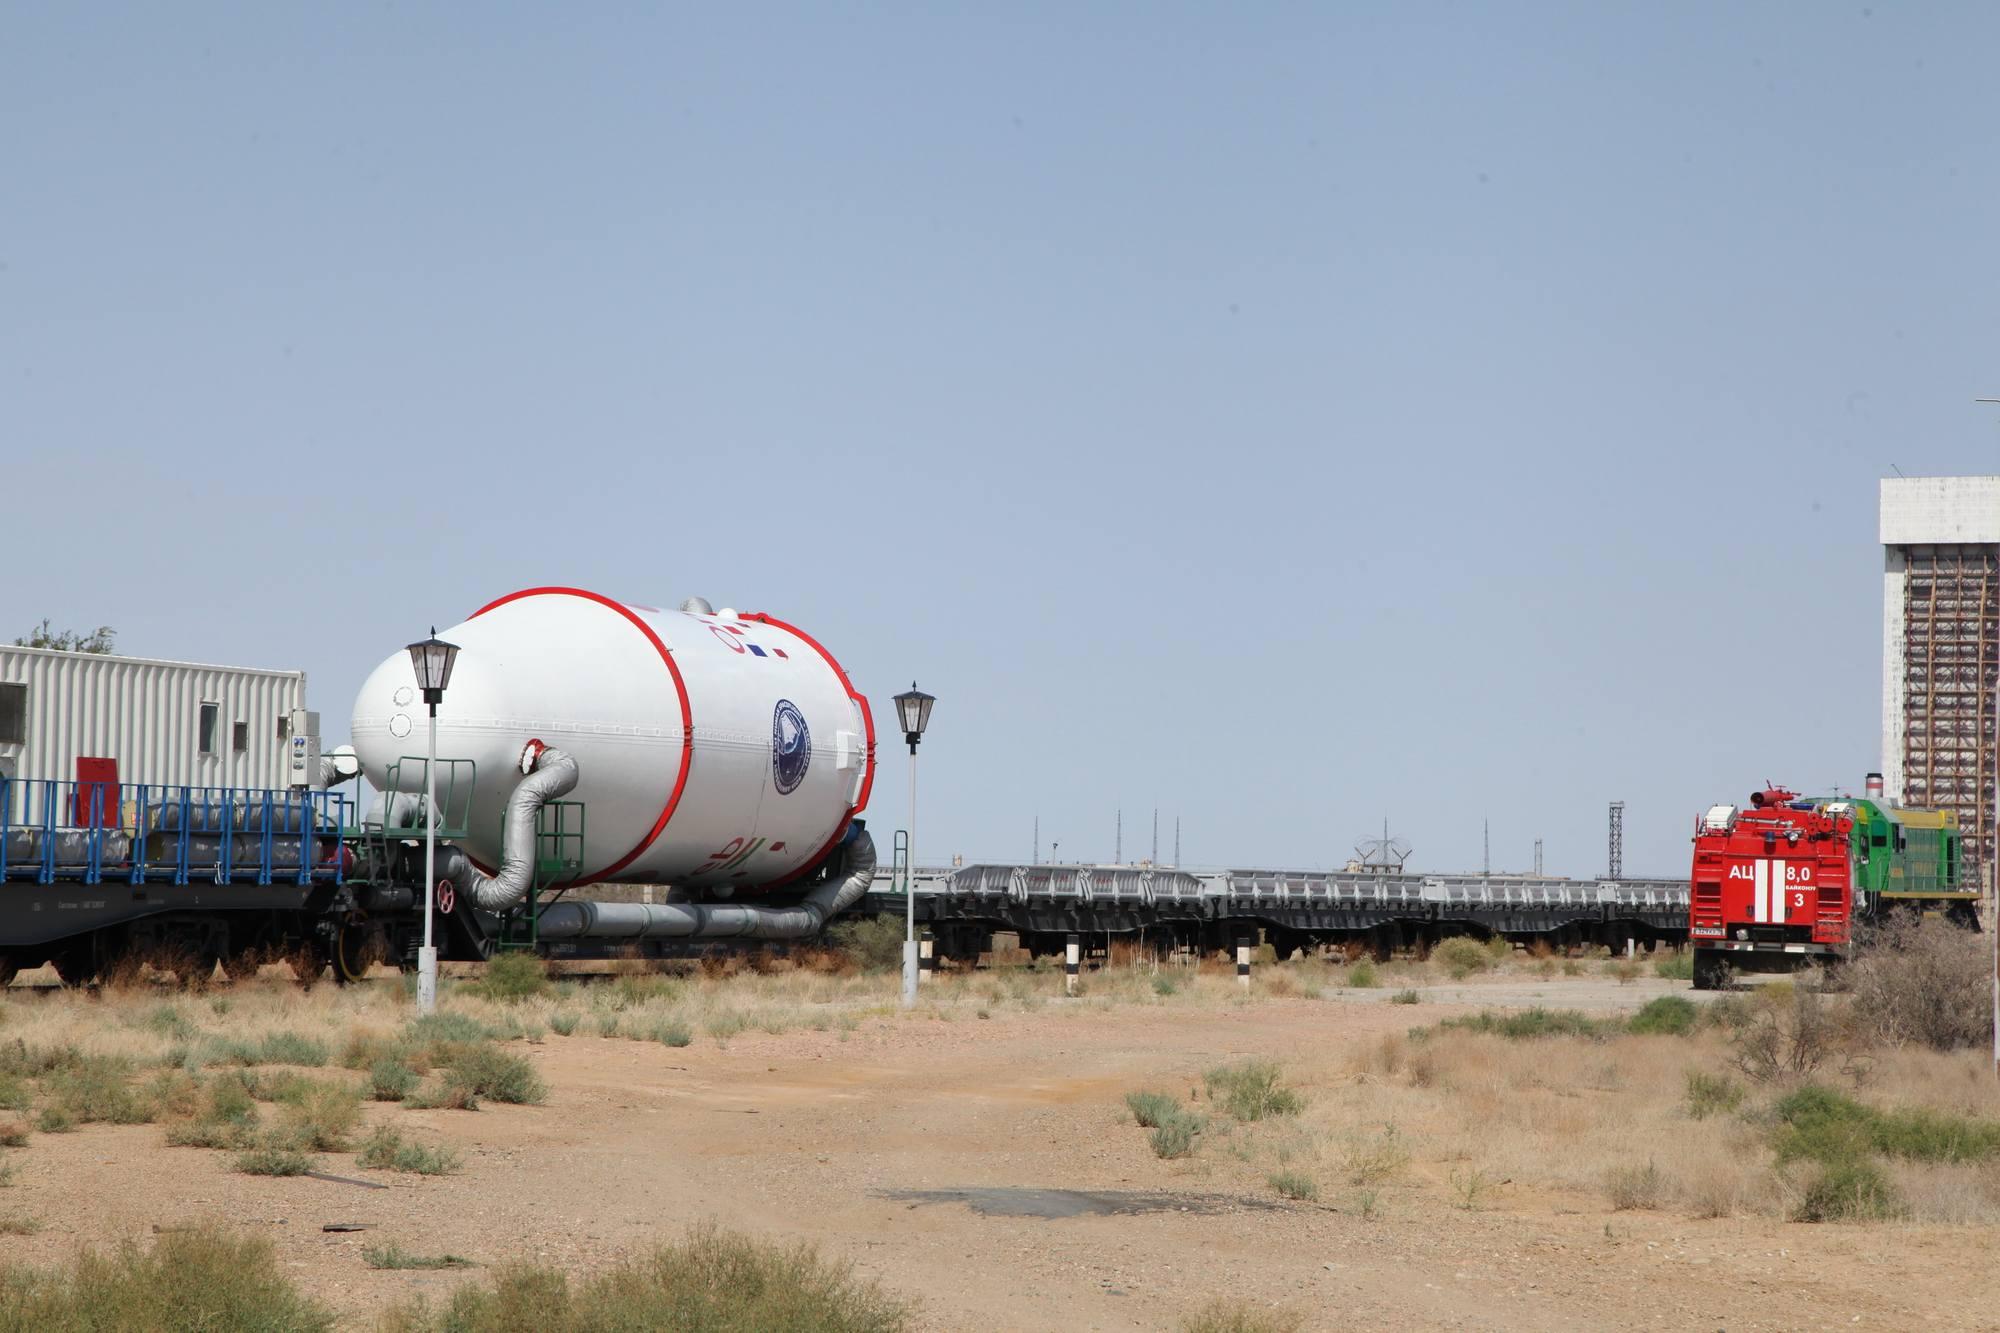 Le convoi passe non loin du stand de test dynamique du système Energuya-Bourane, aujourd'hui abandonné.